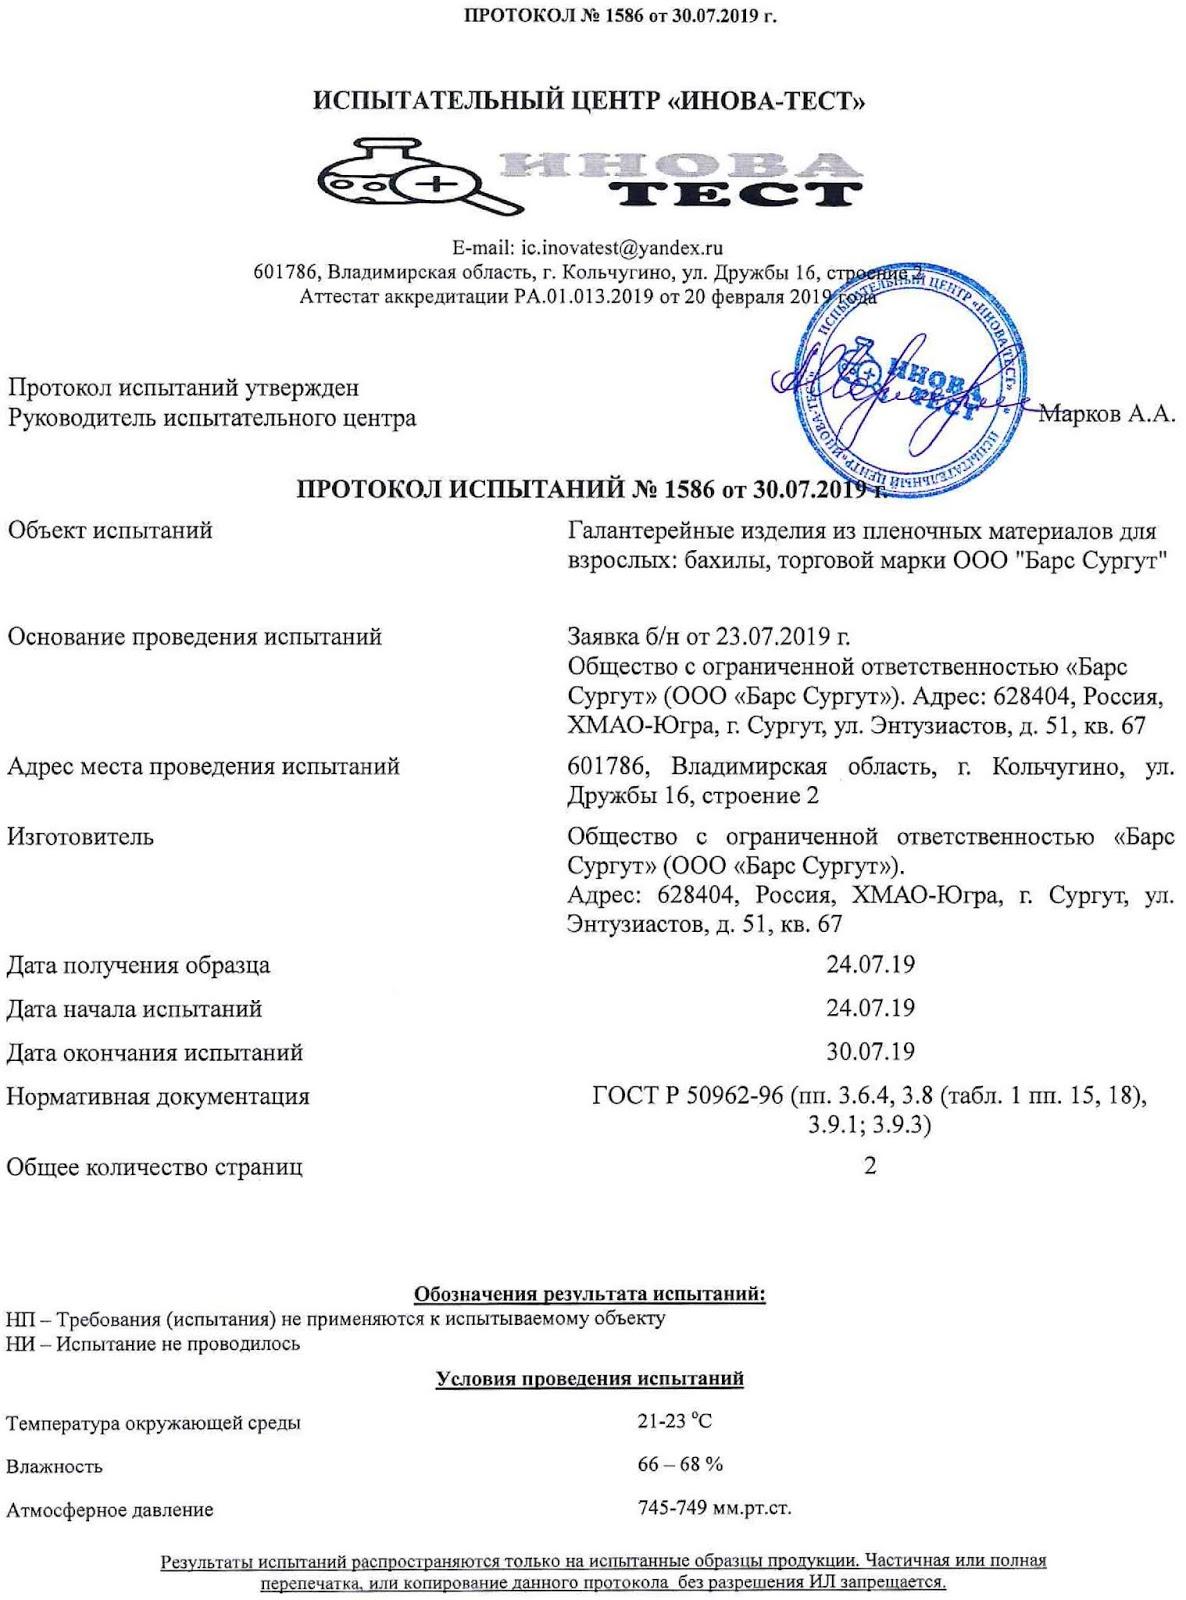 """Протокол испытаний бахилы в Сургуте, Испытательный центр """"Инова-Тест"""""""